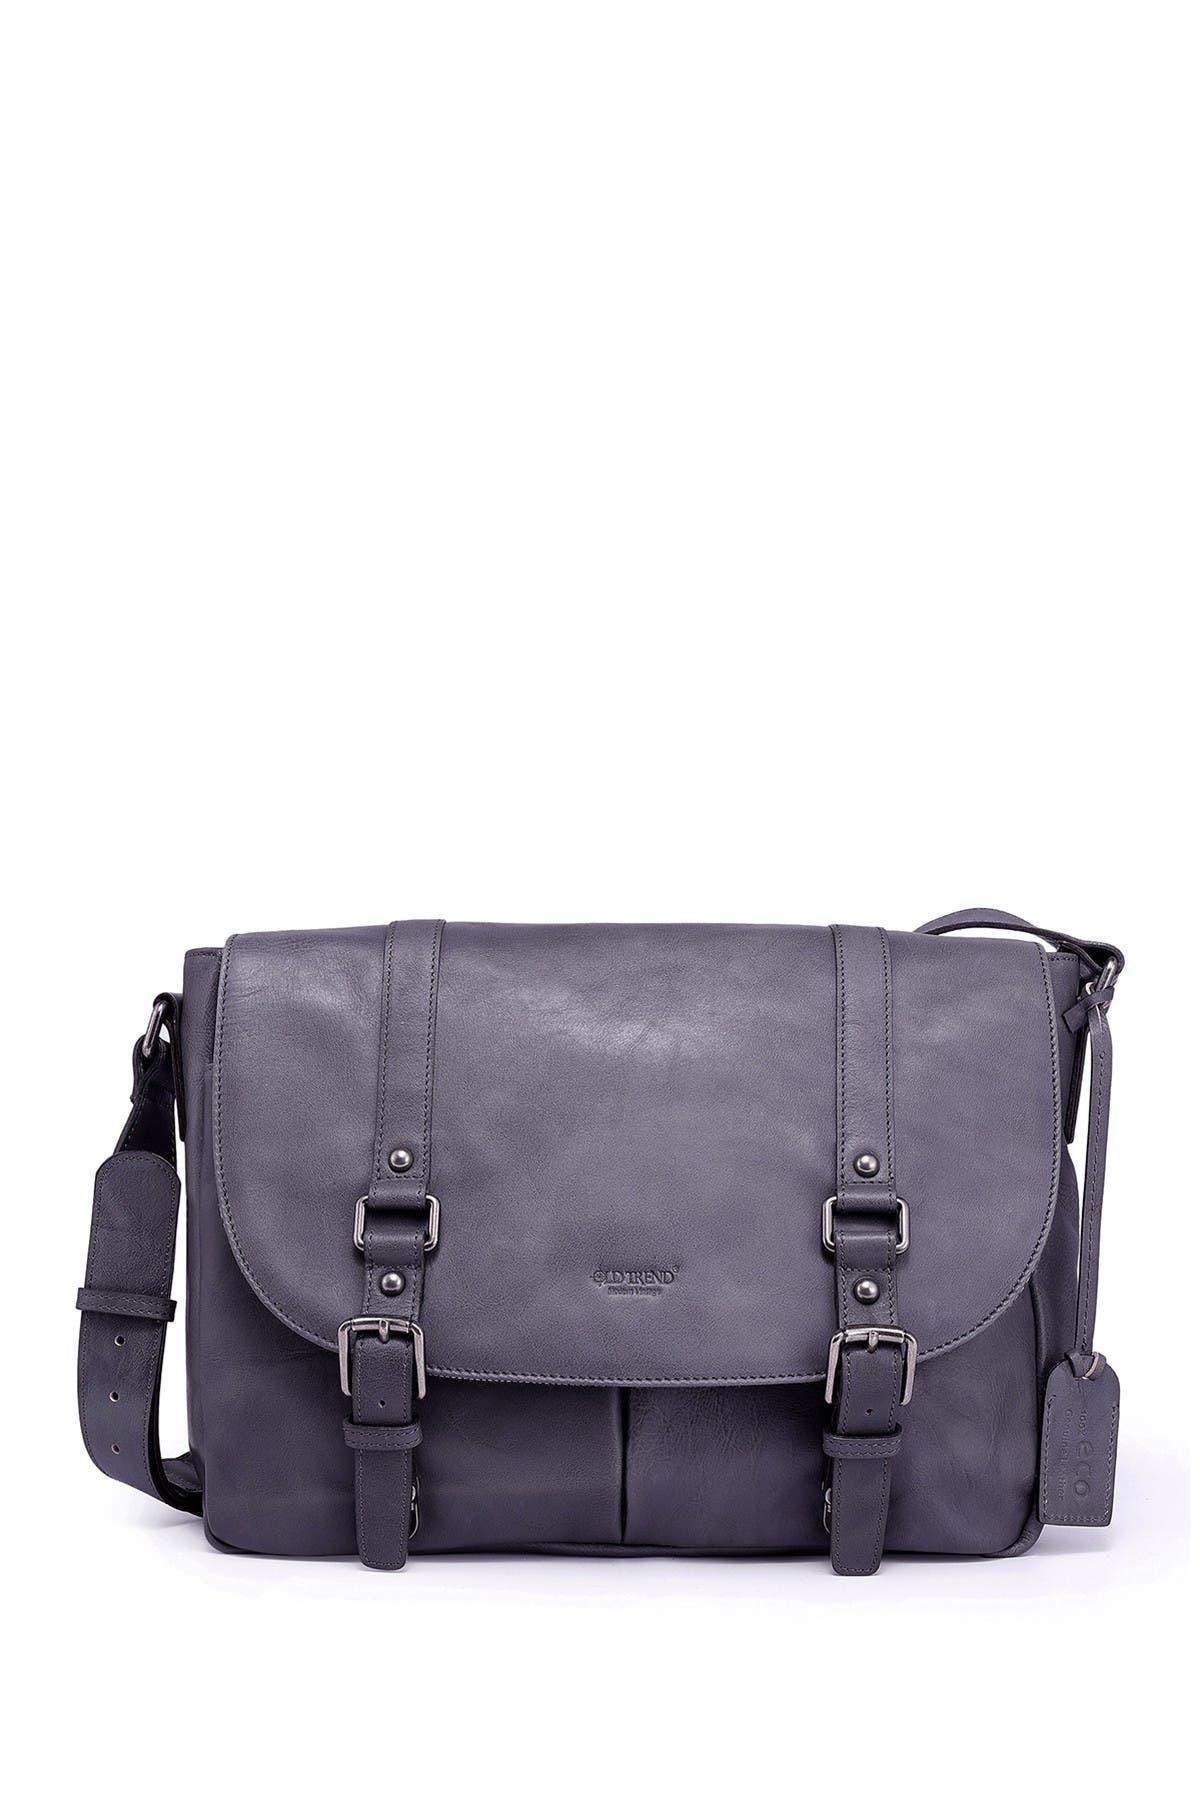 Image of Old Trend Moonlight Messenger Leather Shoulder Bag